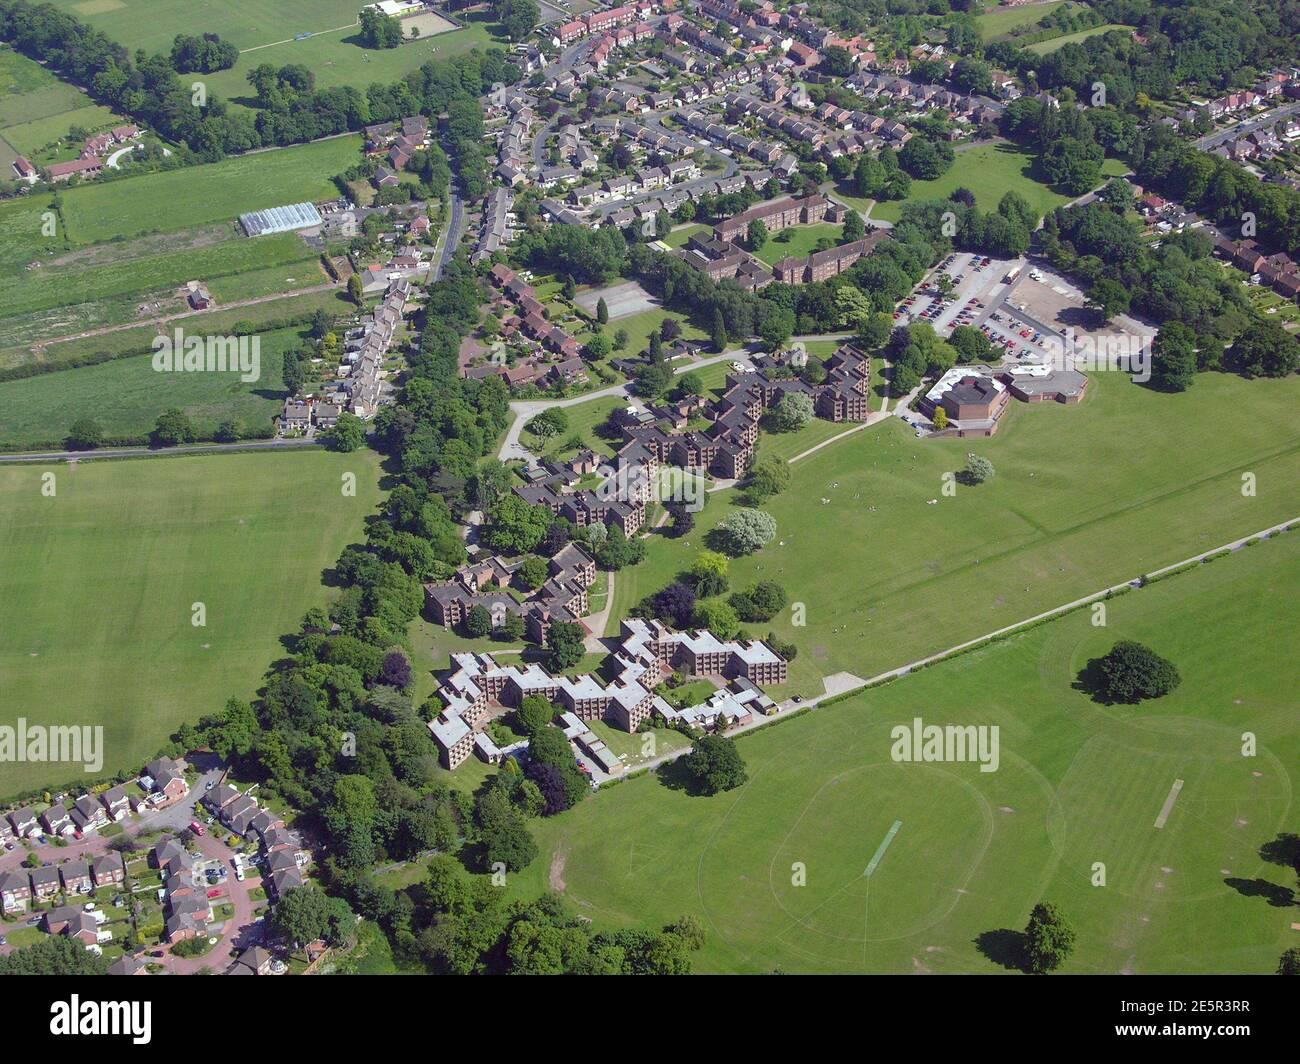 Vista aérea del césped, un antiguo complejo de alojamiento para estudiantes de la Universidad de Hull, situado en Cottingham, East Yorkshire Foto de stock